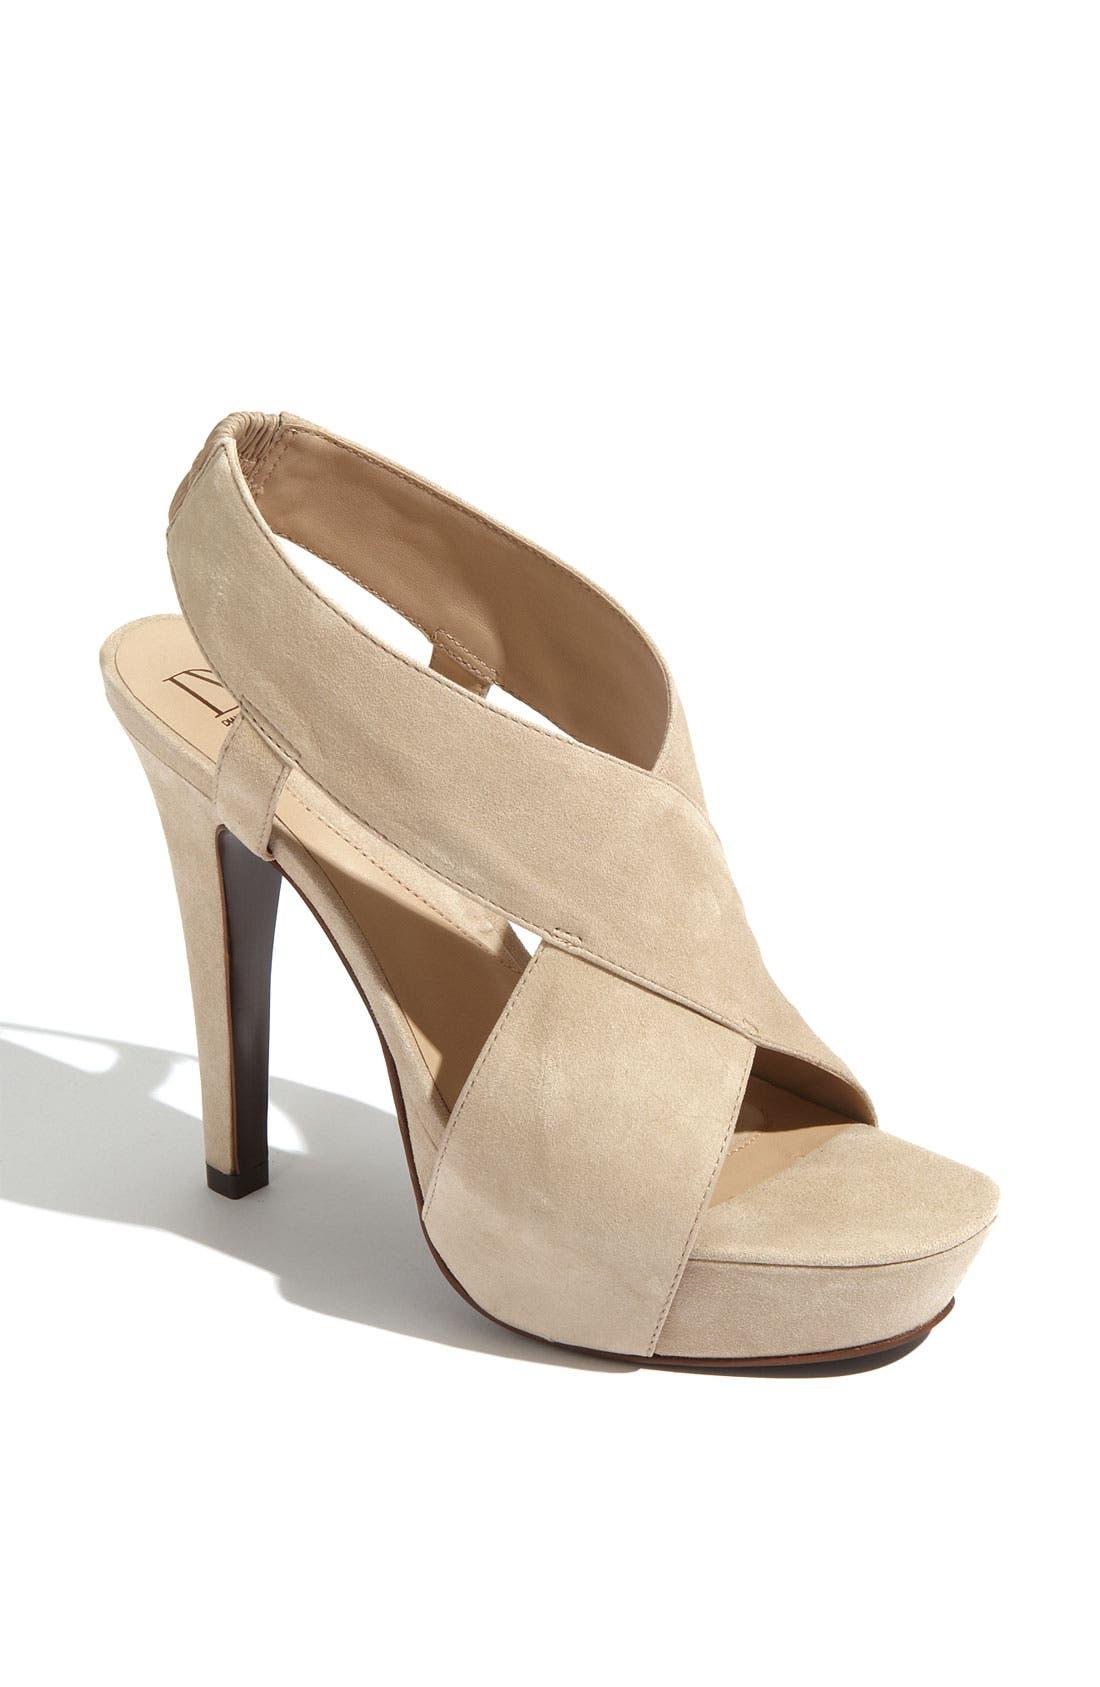 Main Image - Diane von Furstenberg 'Zia' Platform Sandal